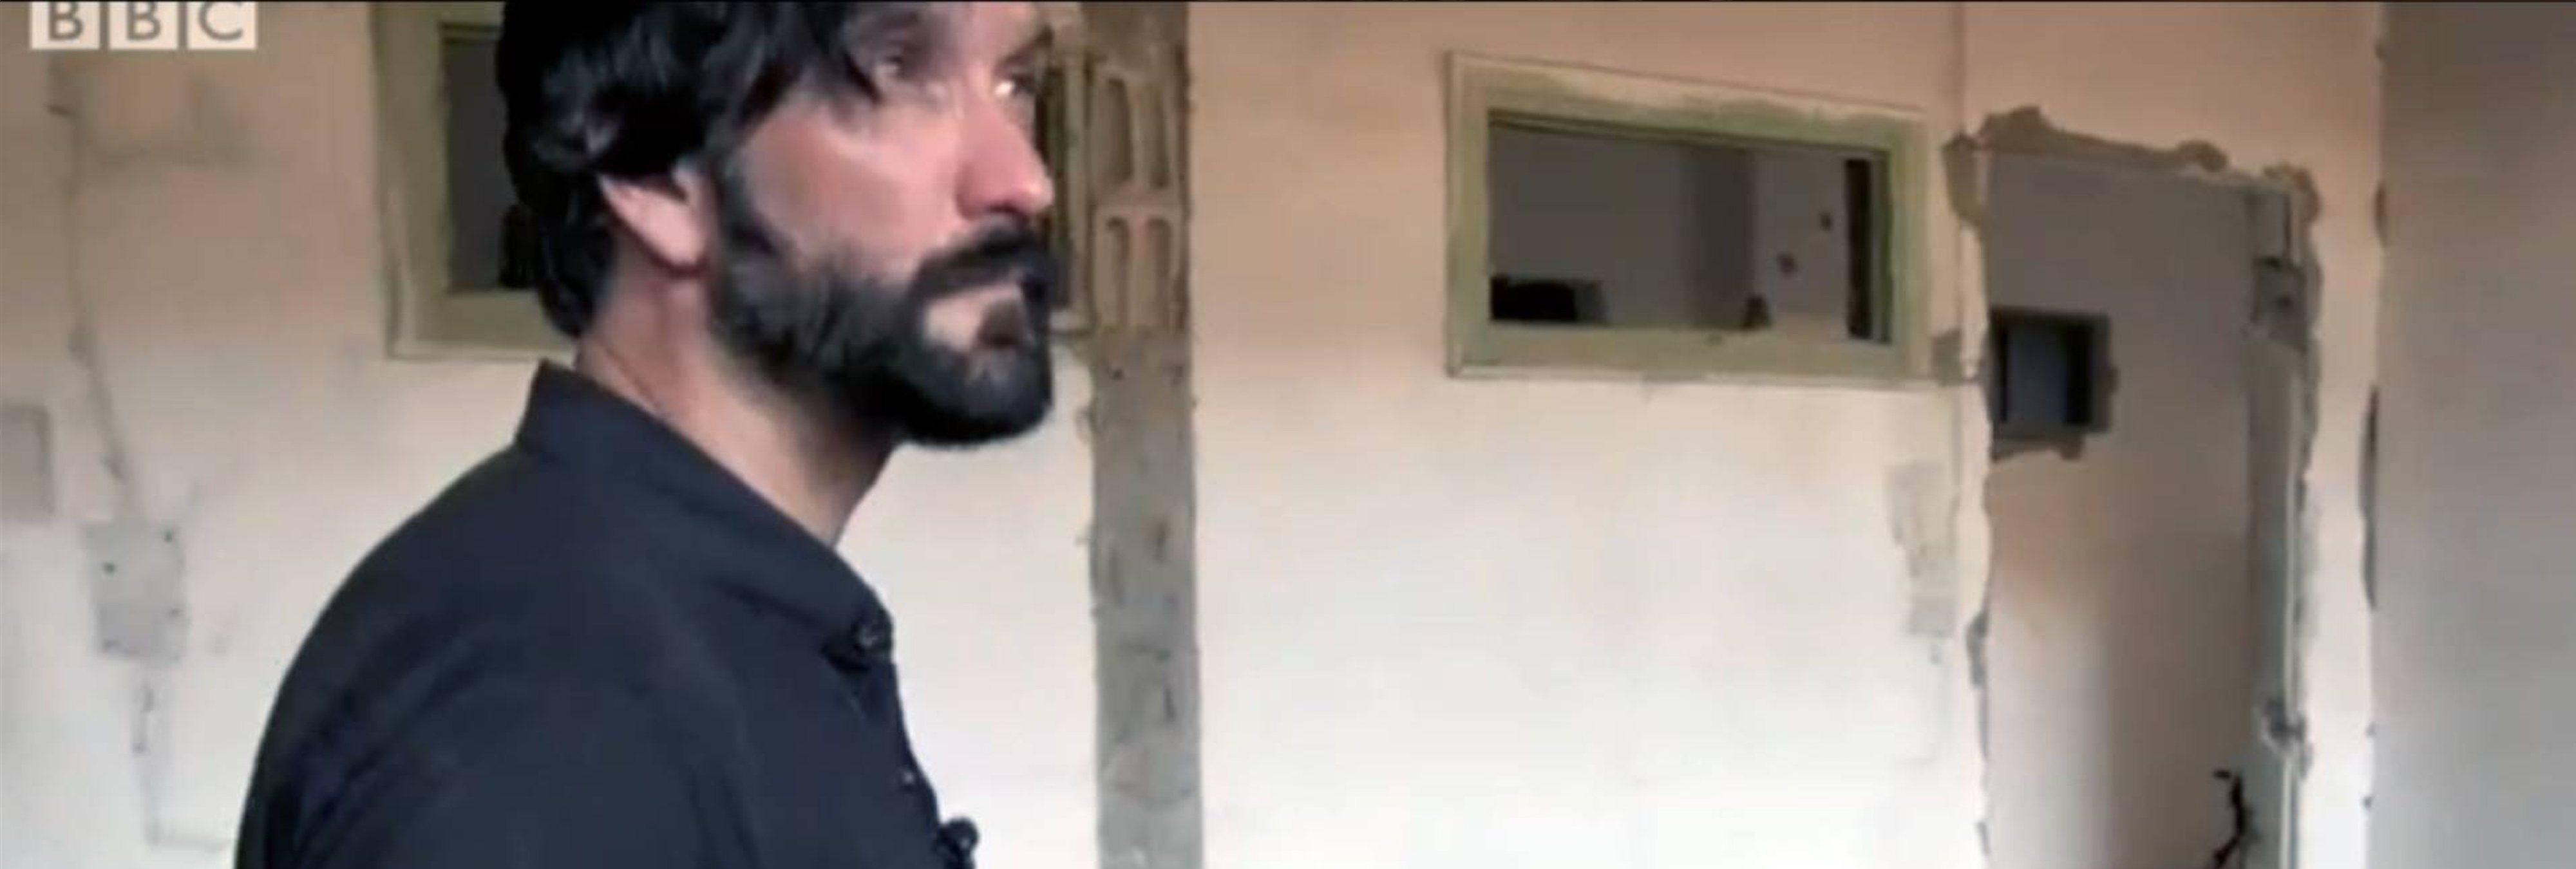 Un periodista español vuelve al lugar donde el ISIS le tuvo cautivo